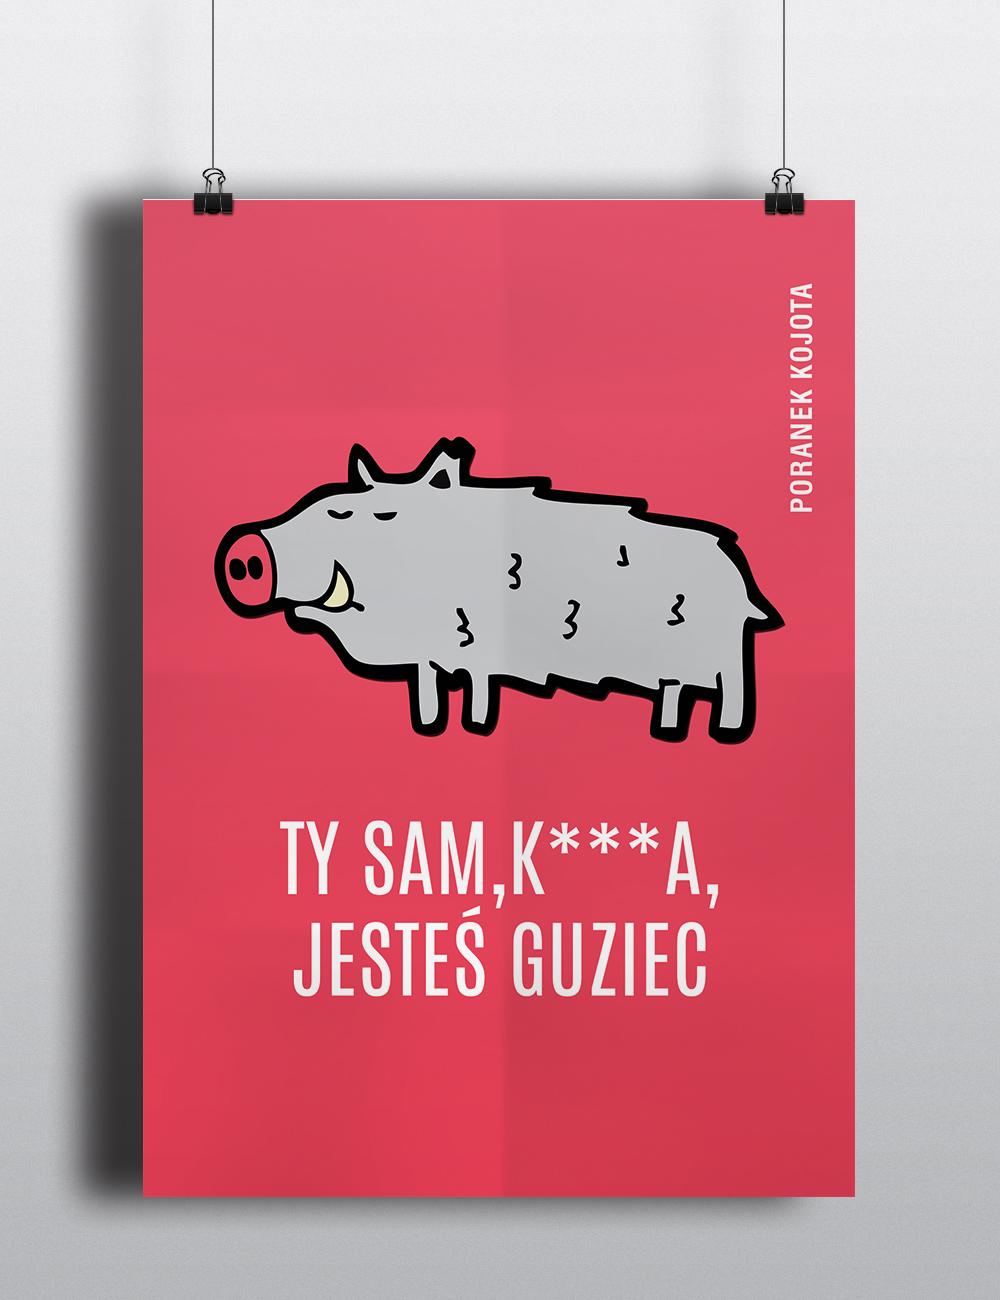 Plakaty Filmowe Polskie Komedie 16 Wzorów 7141796635